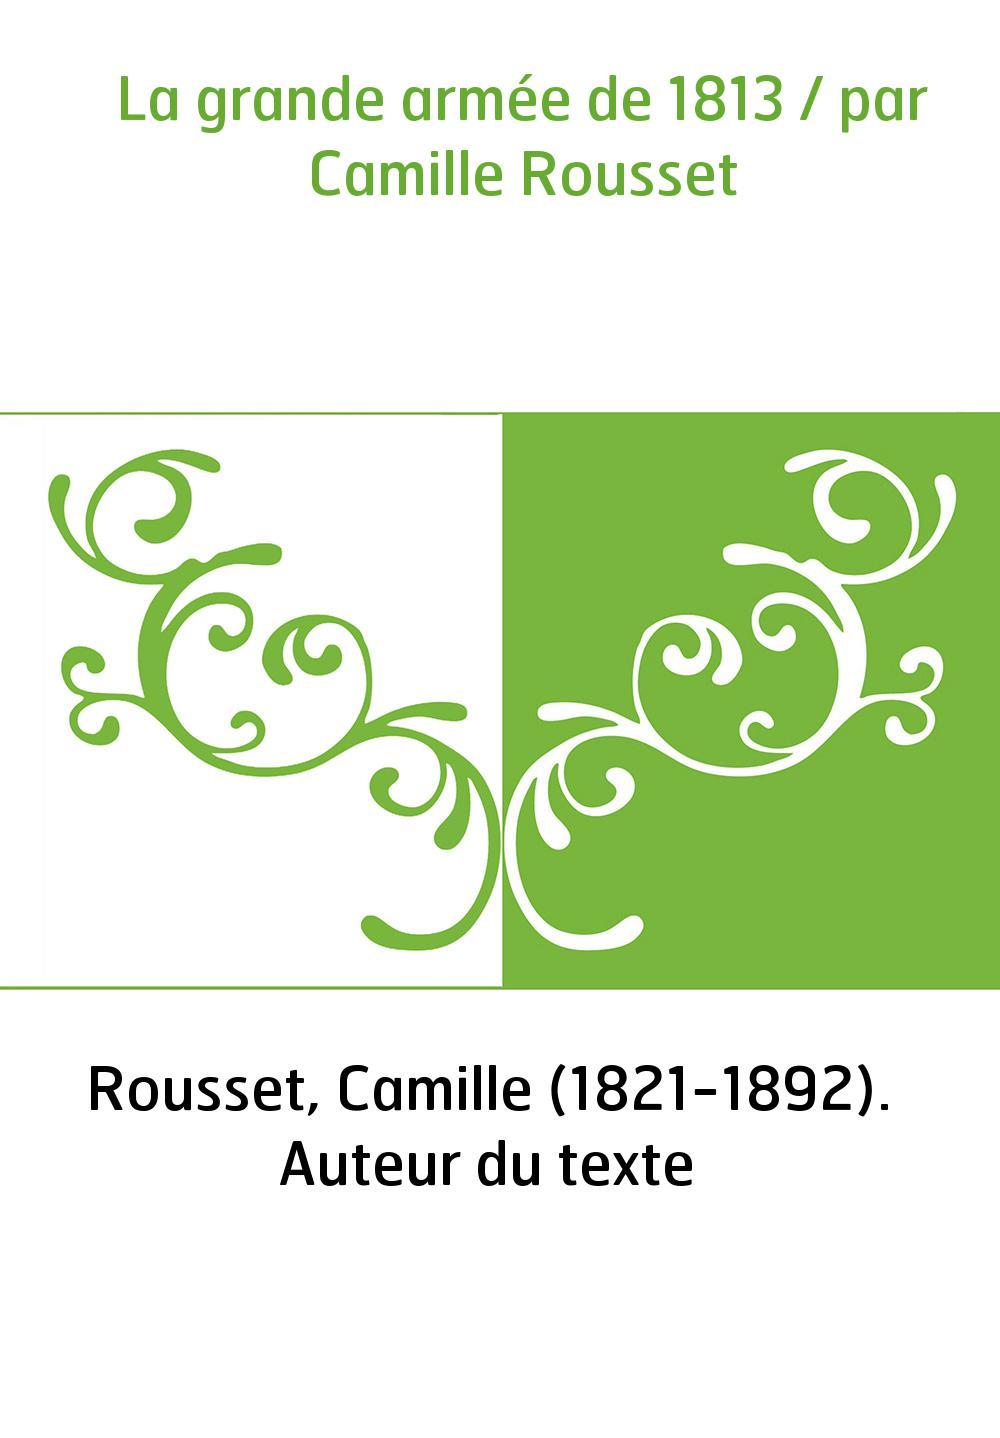 La grande armée de 1813 / par Camille Rousset